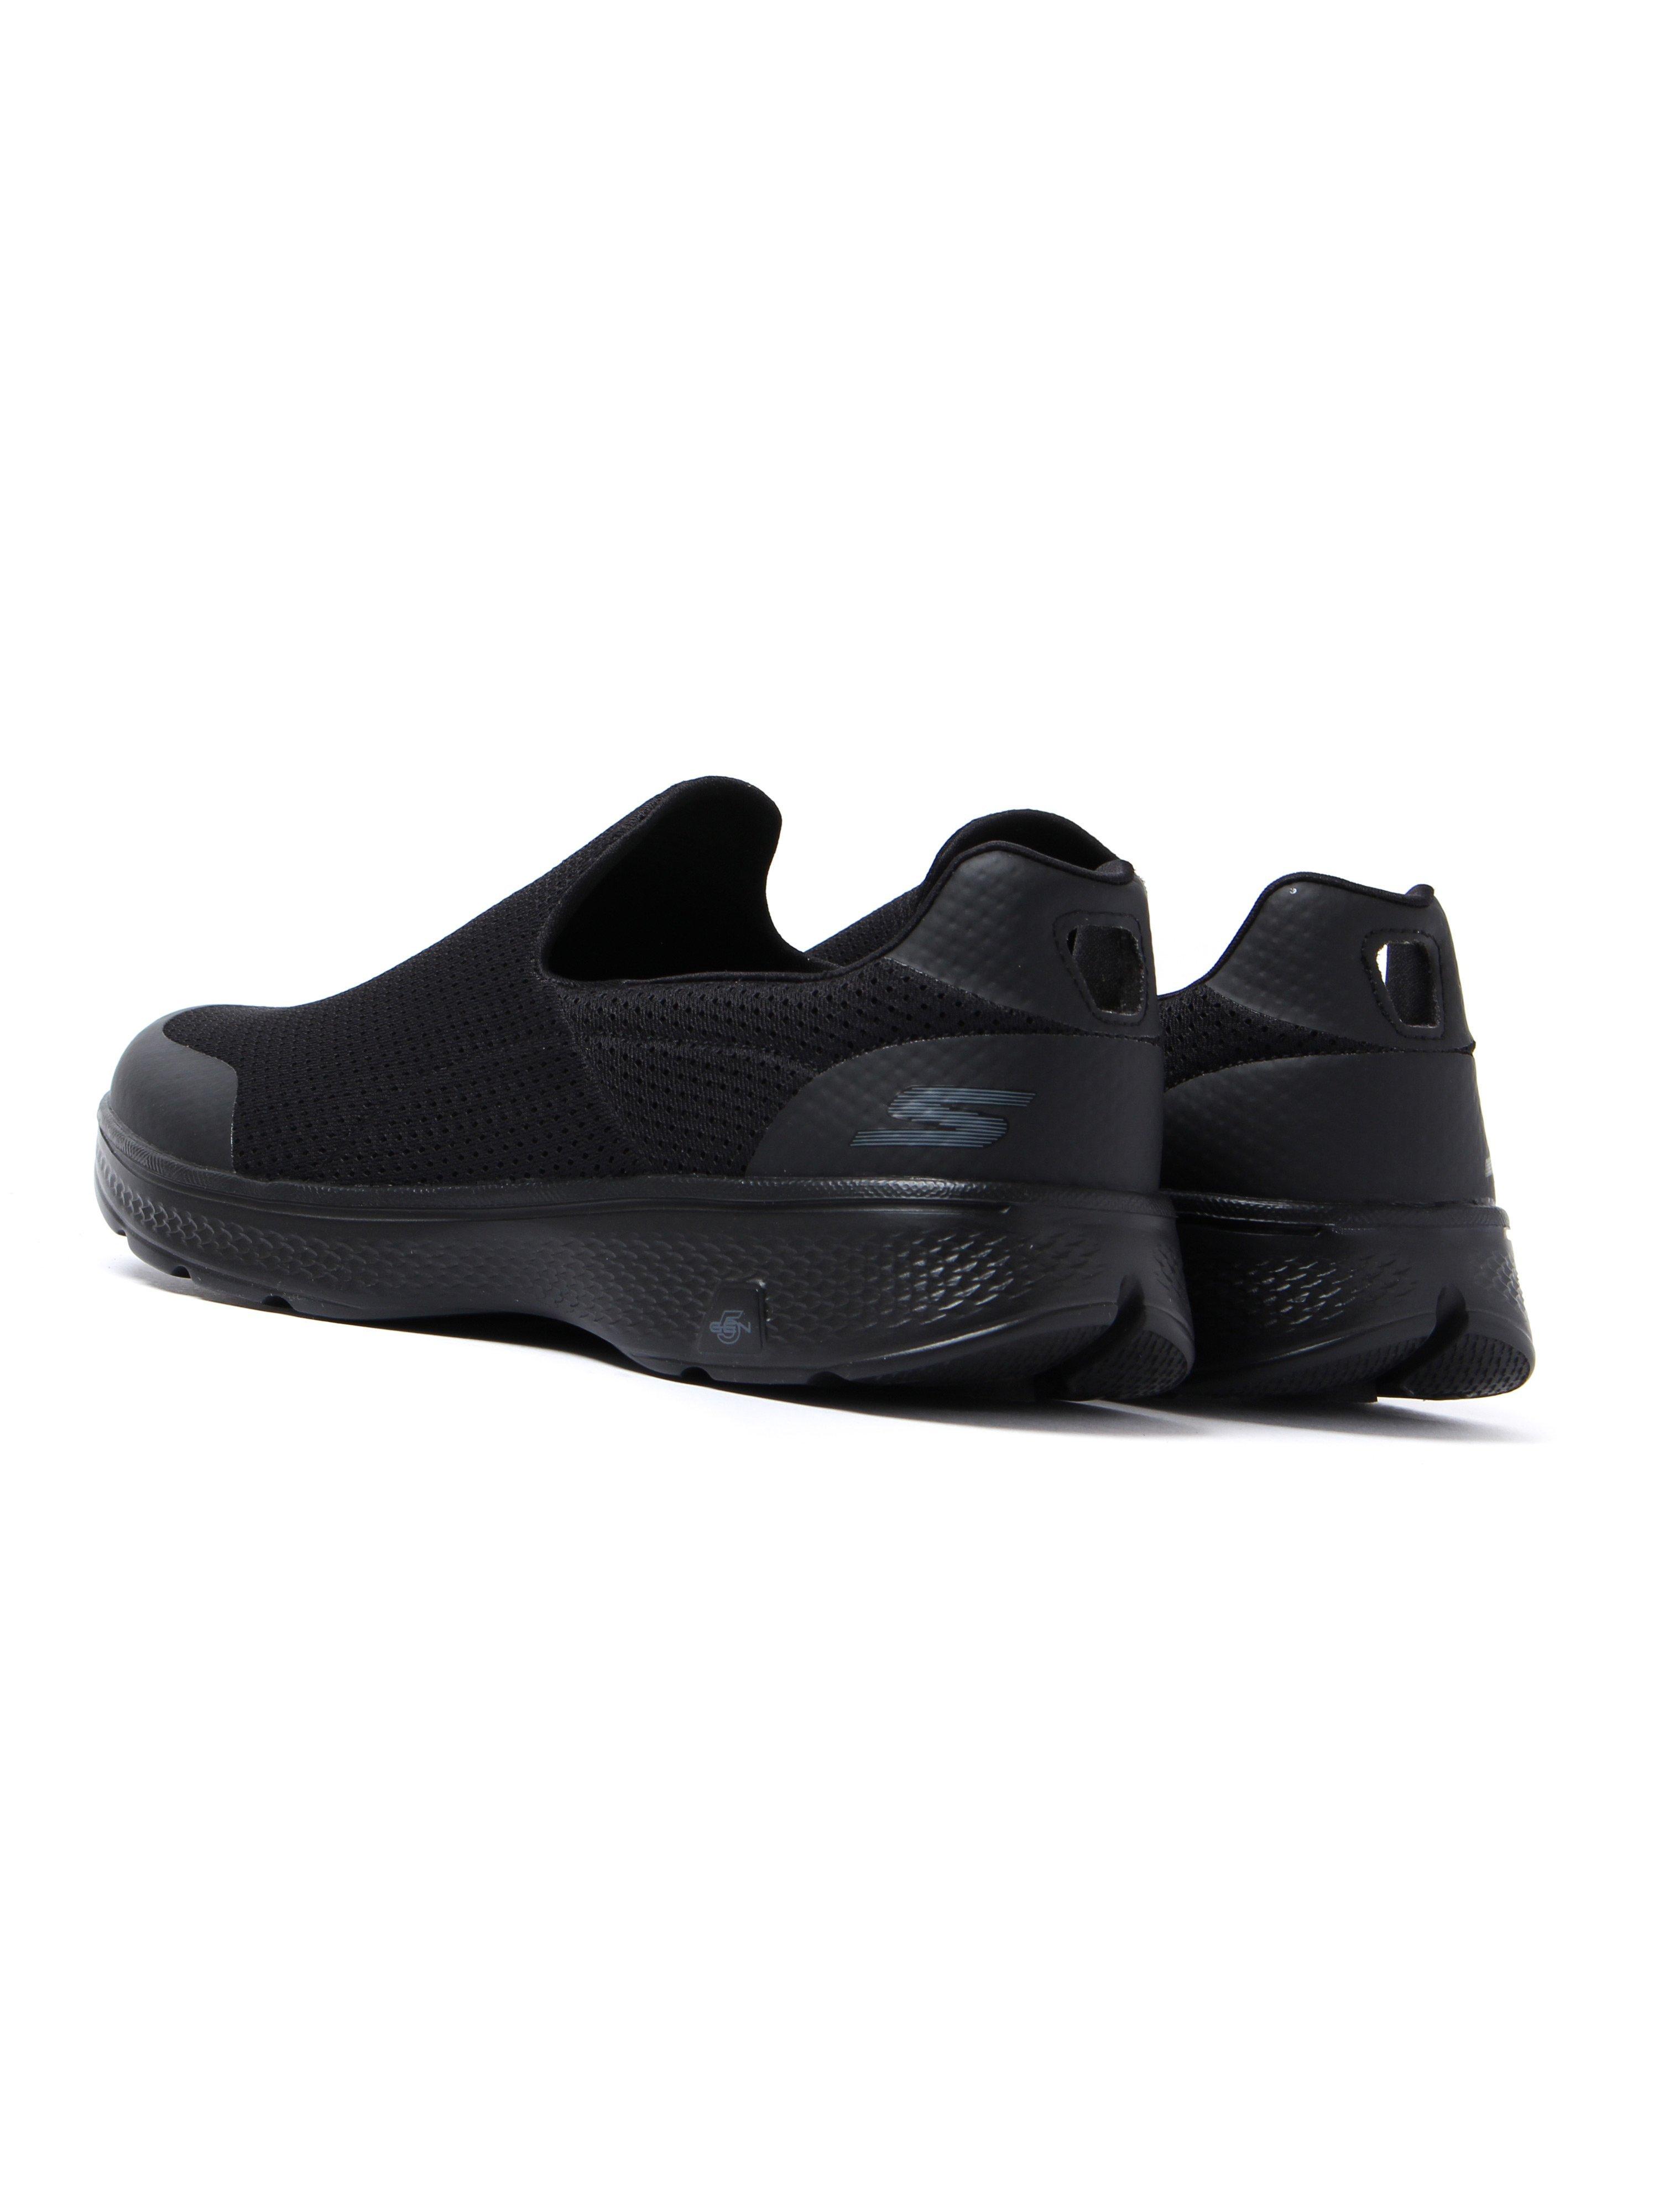 Skechers Skechers Men's Go Walk 4 Incredible Trainers - Black